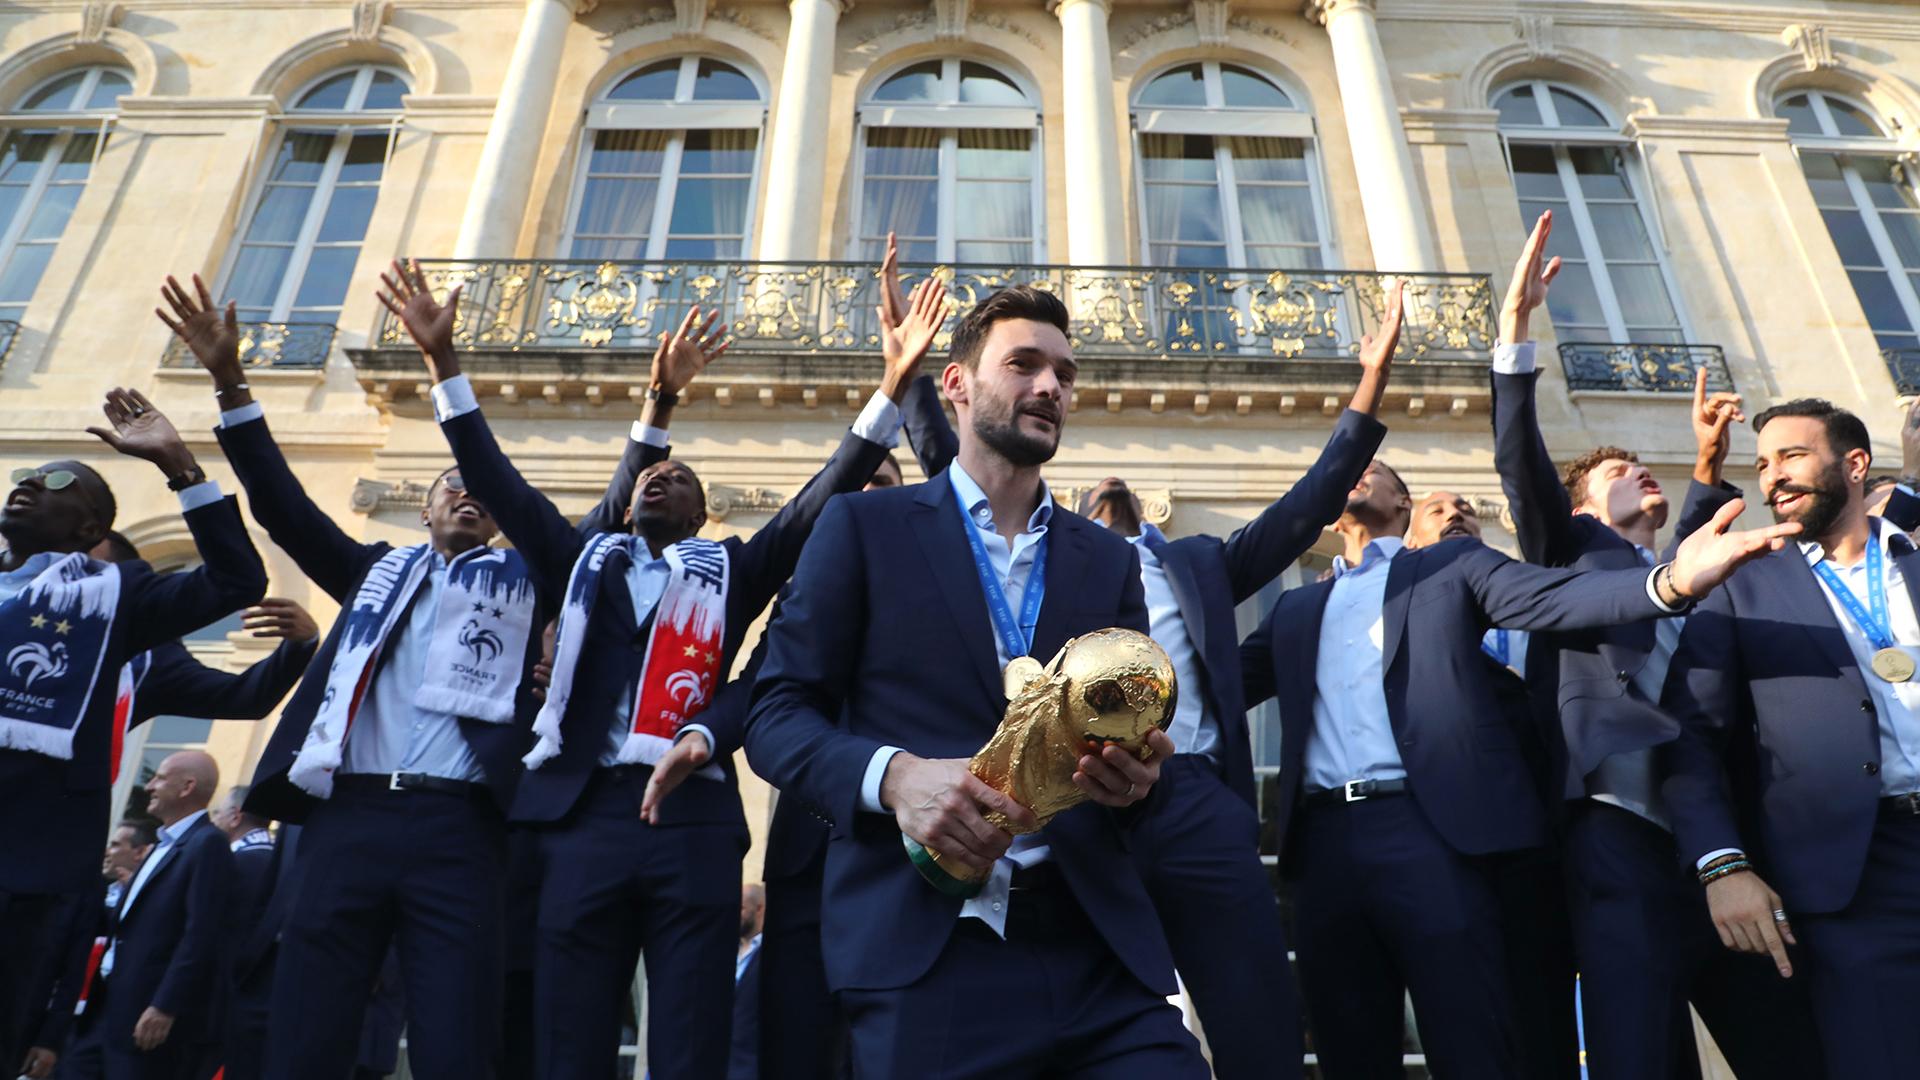 Allí le mostraron el trofeo a los miles de aficionados que se acercaron